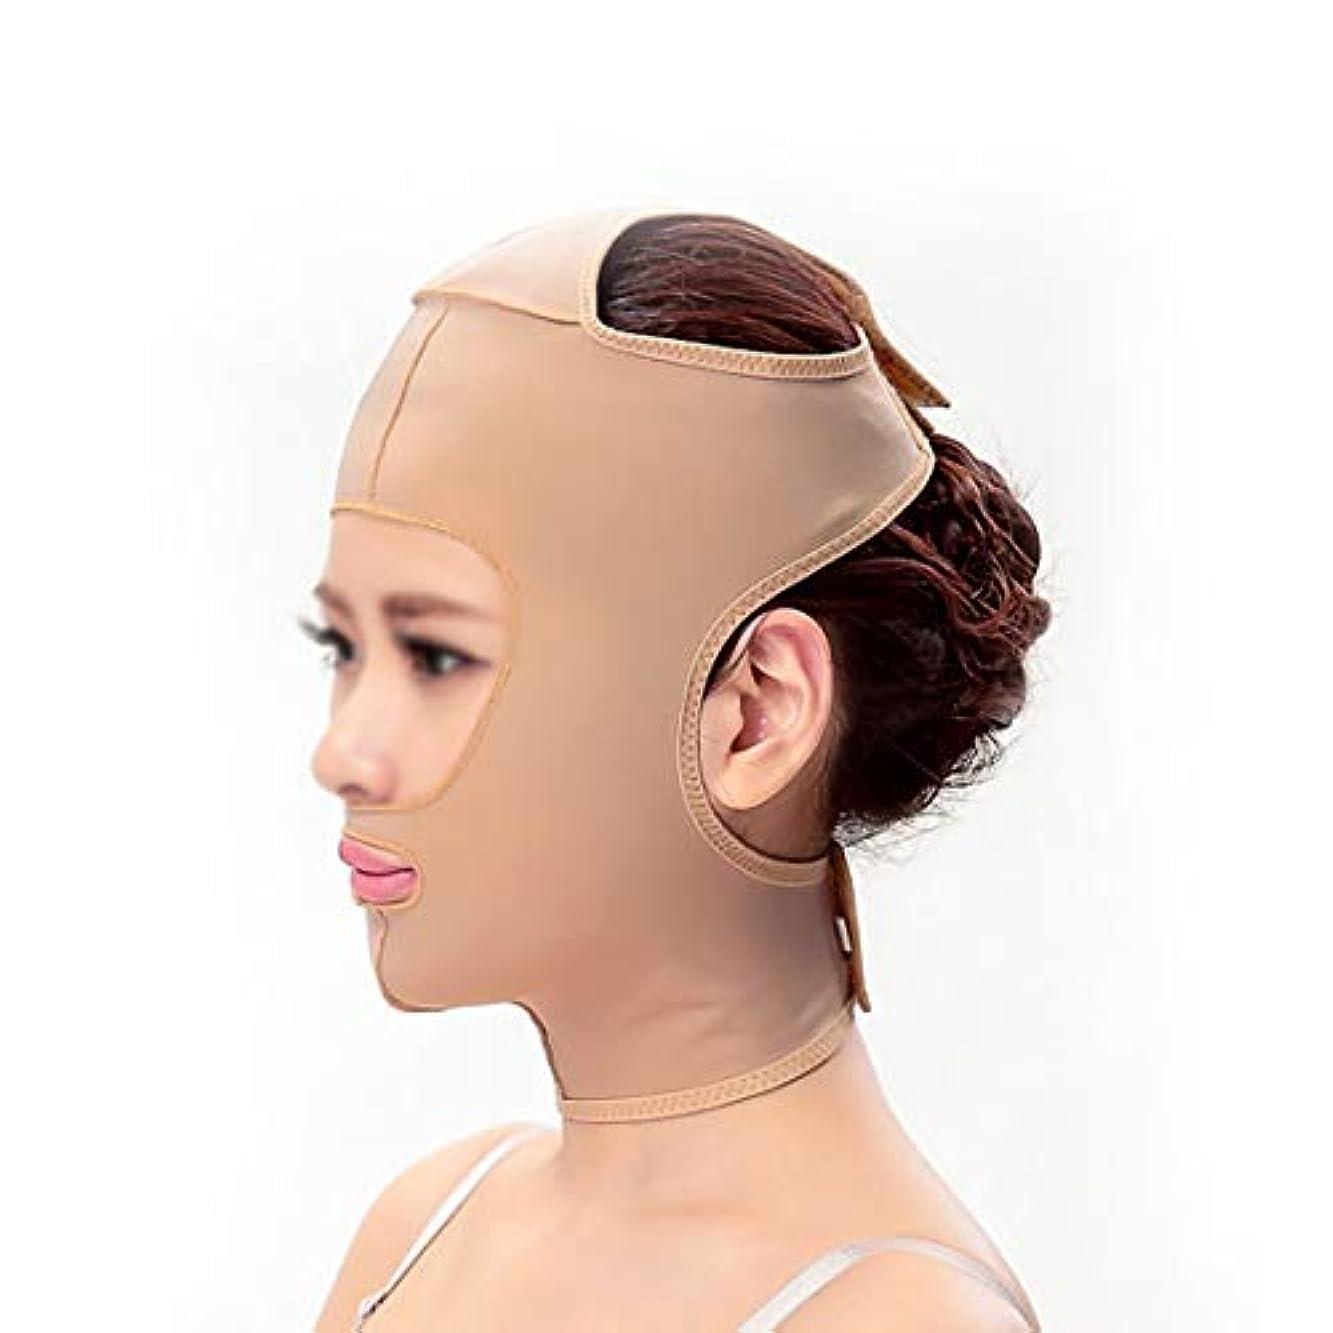 神社深めるブッシュLJK 痩身ベルト、フェイシャルマスク薄いフェイスマスクを脇に持ち上げる二重あご引き締め顔面プラスチックフェイスアーティファクト強力なフェイス包帯 (Size : M)